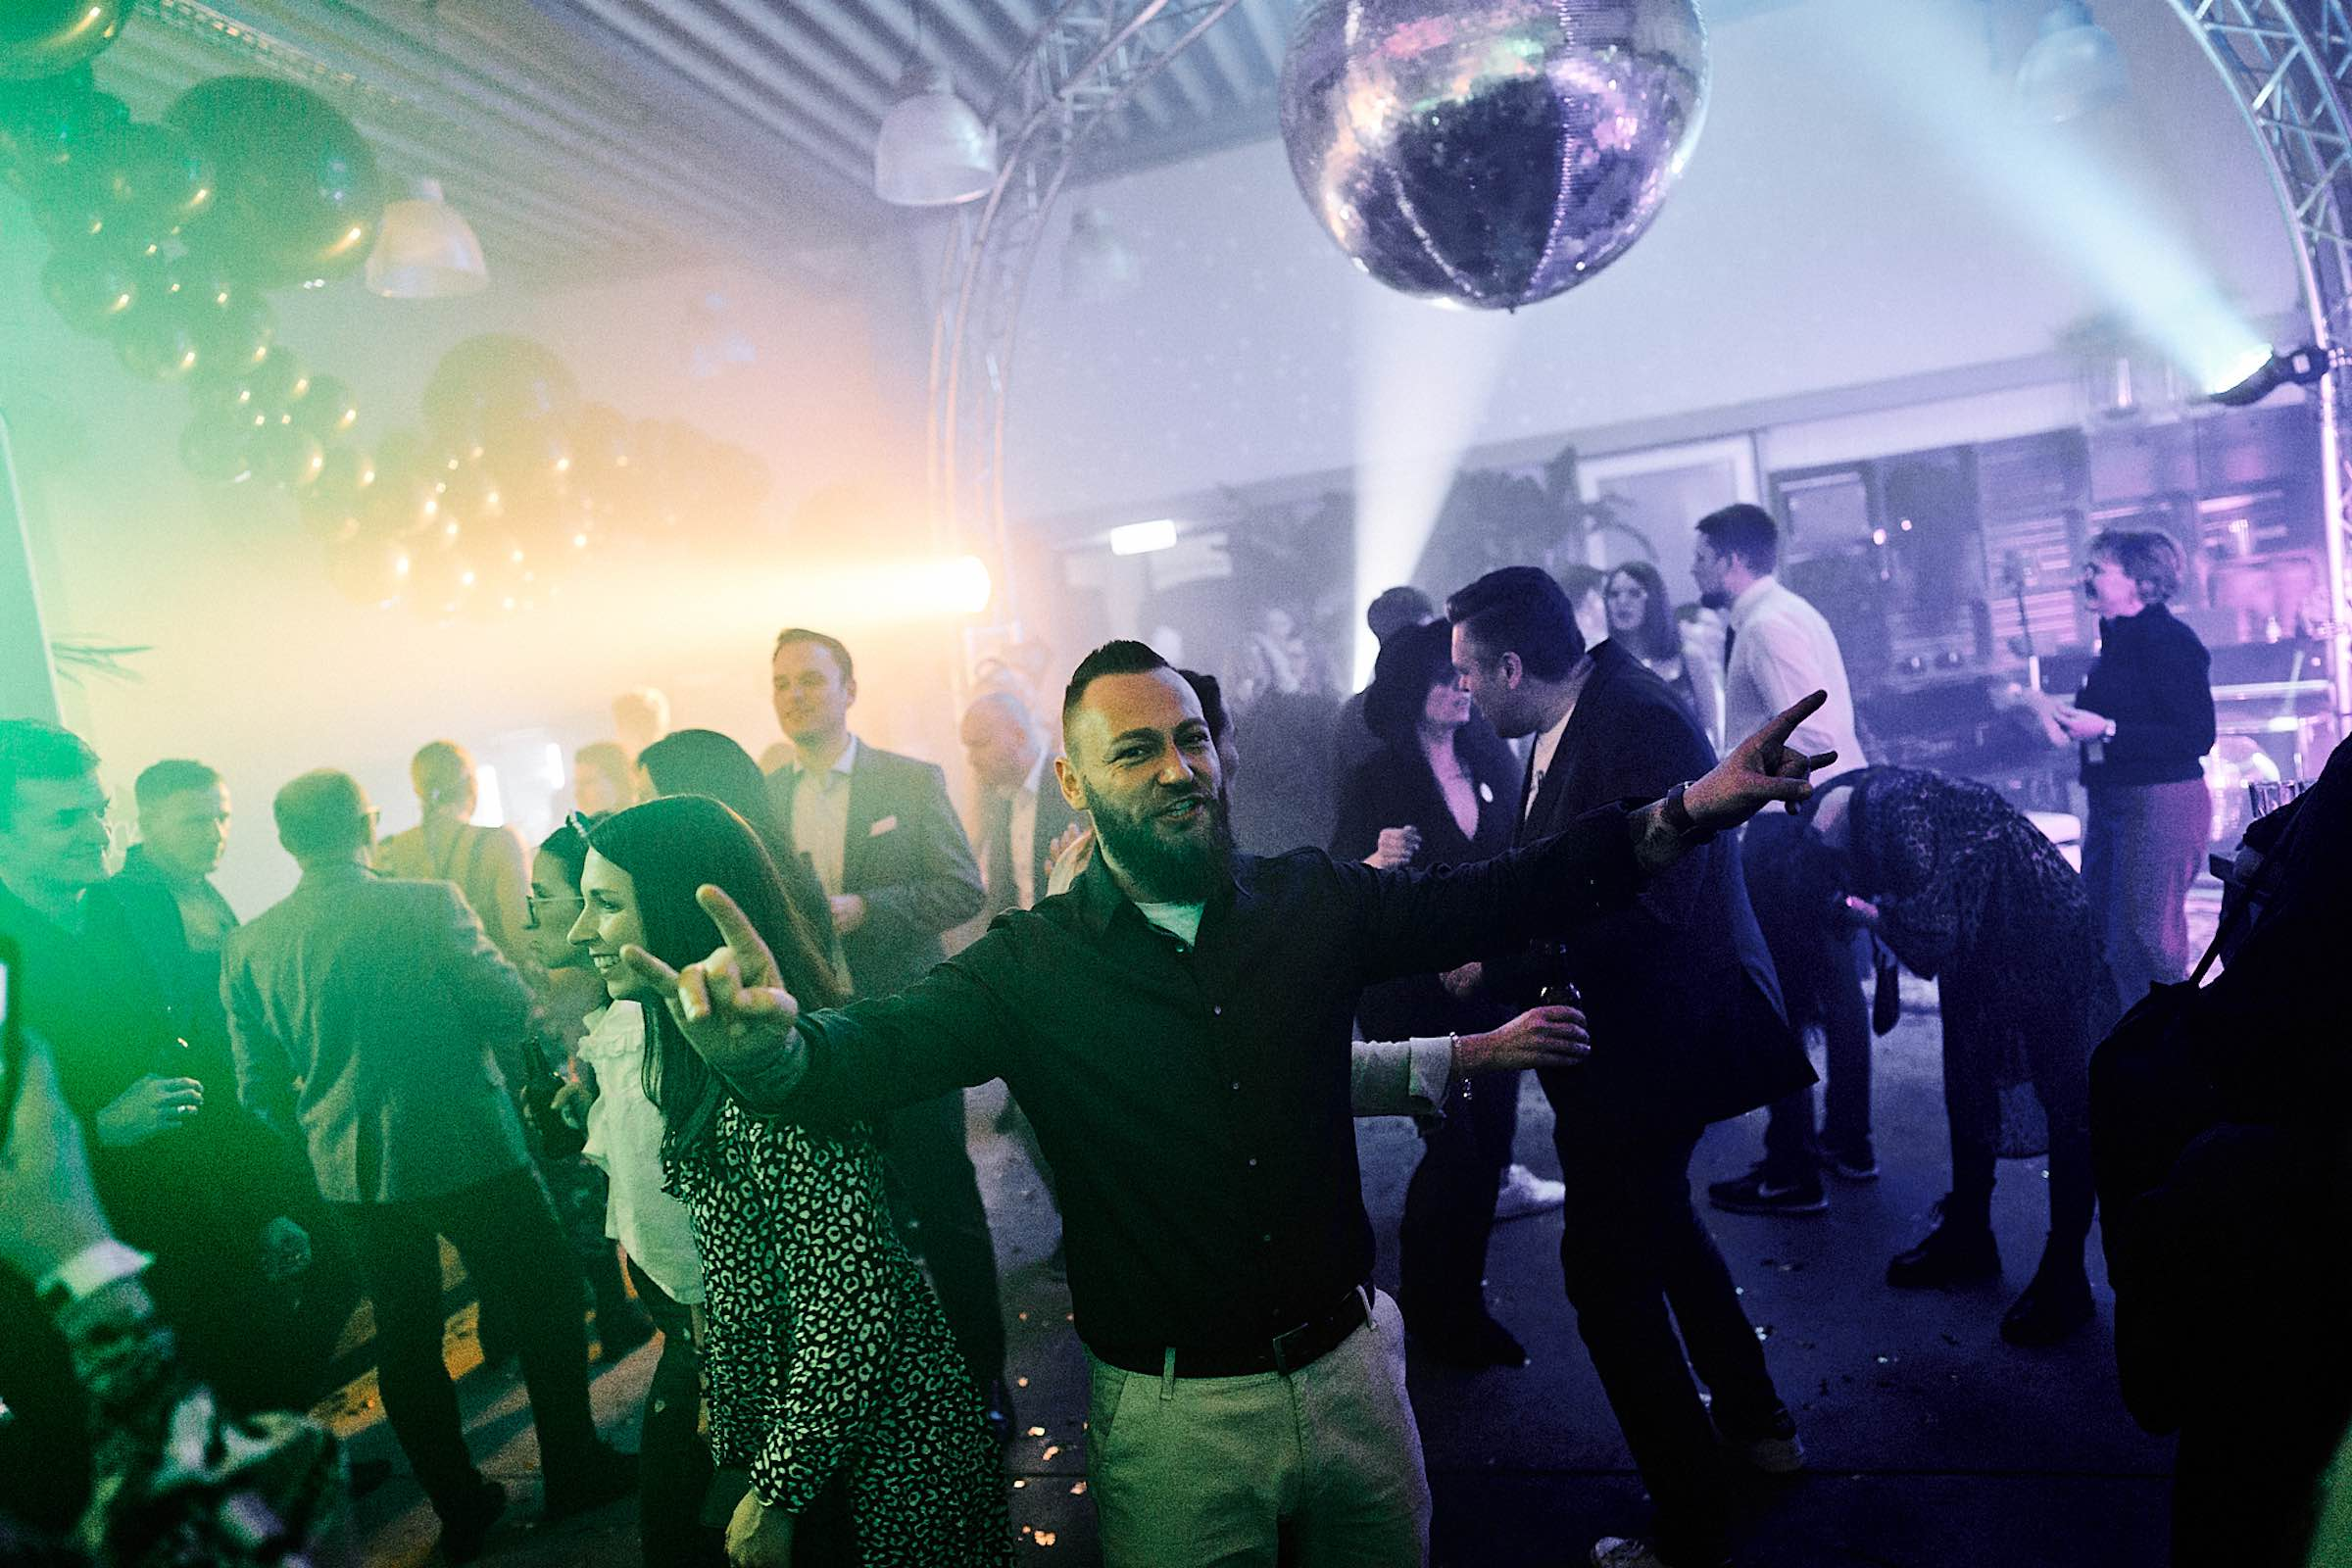 DJ-Hannover-Hameln-Peine-Braunschweig-Buchen-DJ-Agentur-DJ-Messe-Hochzeits-DJ-Hannover-DJ-Firmenevent-Firmenfeier-DJ-Geburtstag-DJ-Weihnachtsfeier-DJ-Sommerfest-Mieten-Lehmann-Eventservice